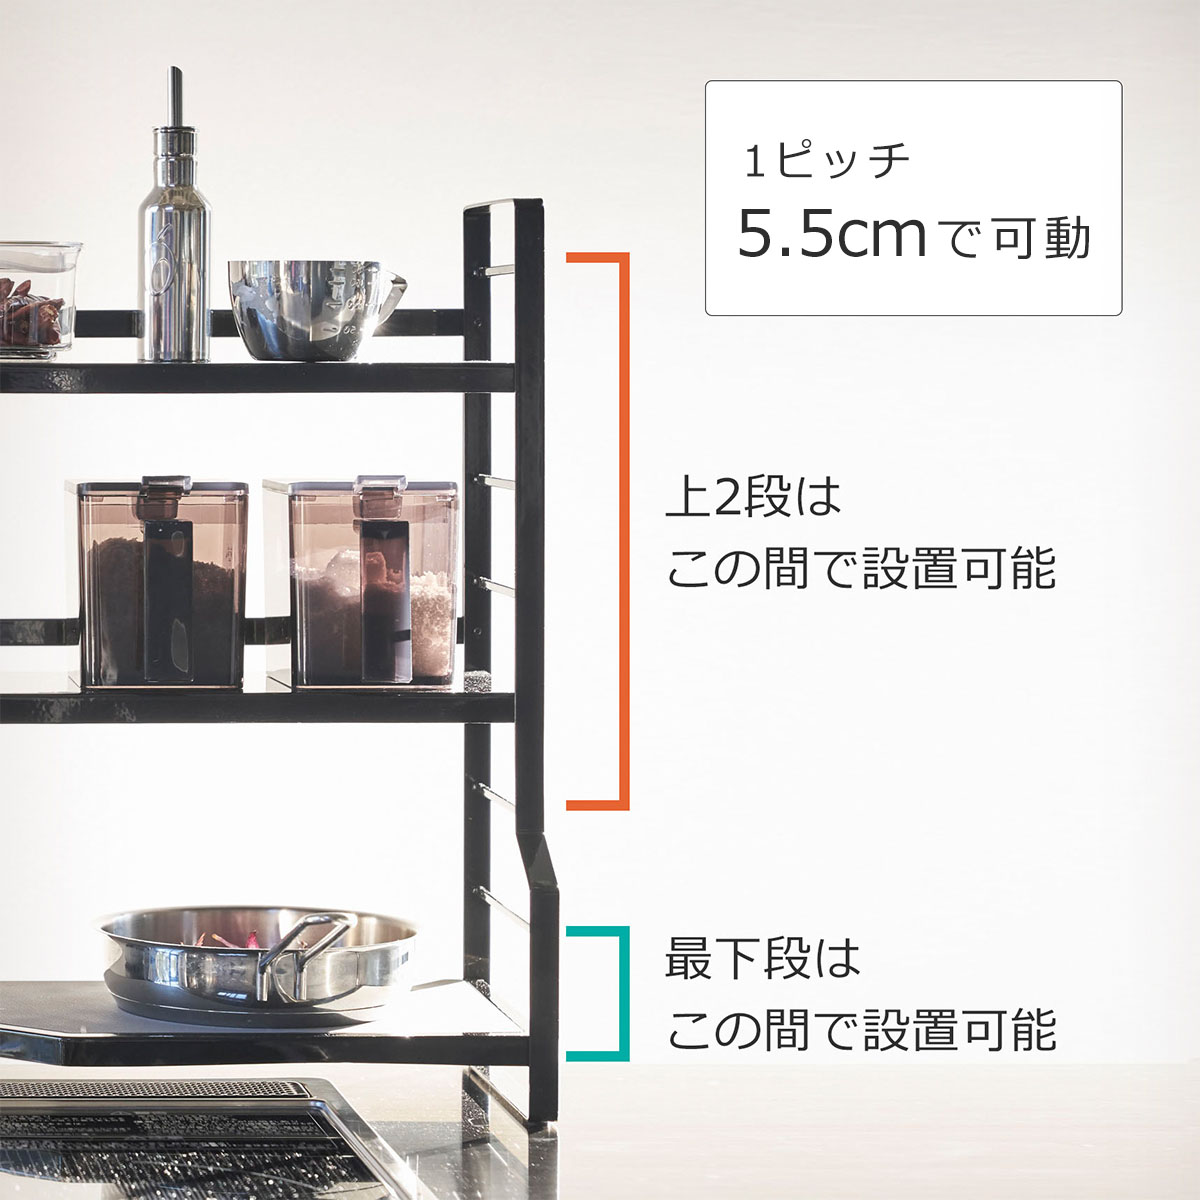 tower / タワー コンロ奥ラック3段 キッチン 収納 ラック 収納ラック 調味料ラック スパイスラック 調理器具 省スペース スリム 可動棚 可動式